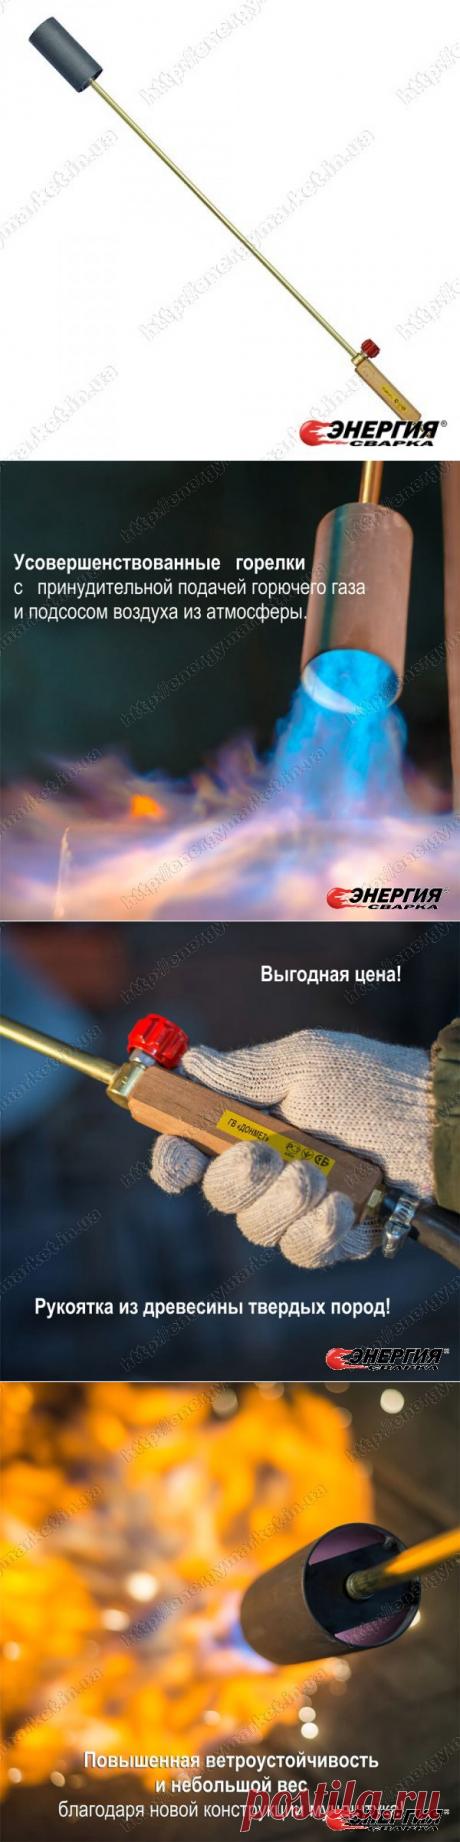 231.000.36  Газовая горелка ГВ ДОНМЕТ 231 У  купить цена Украине